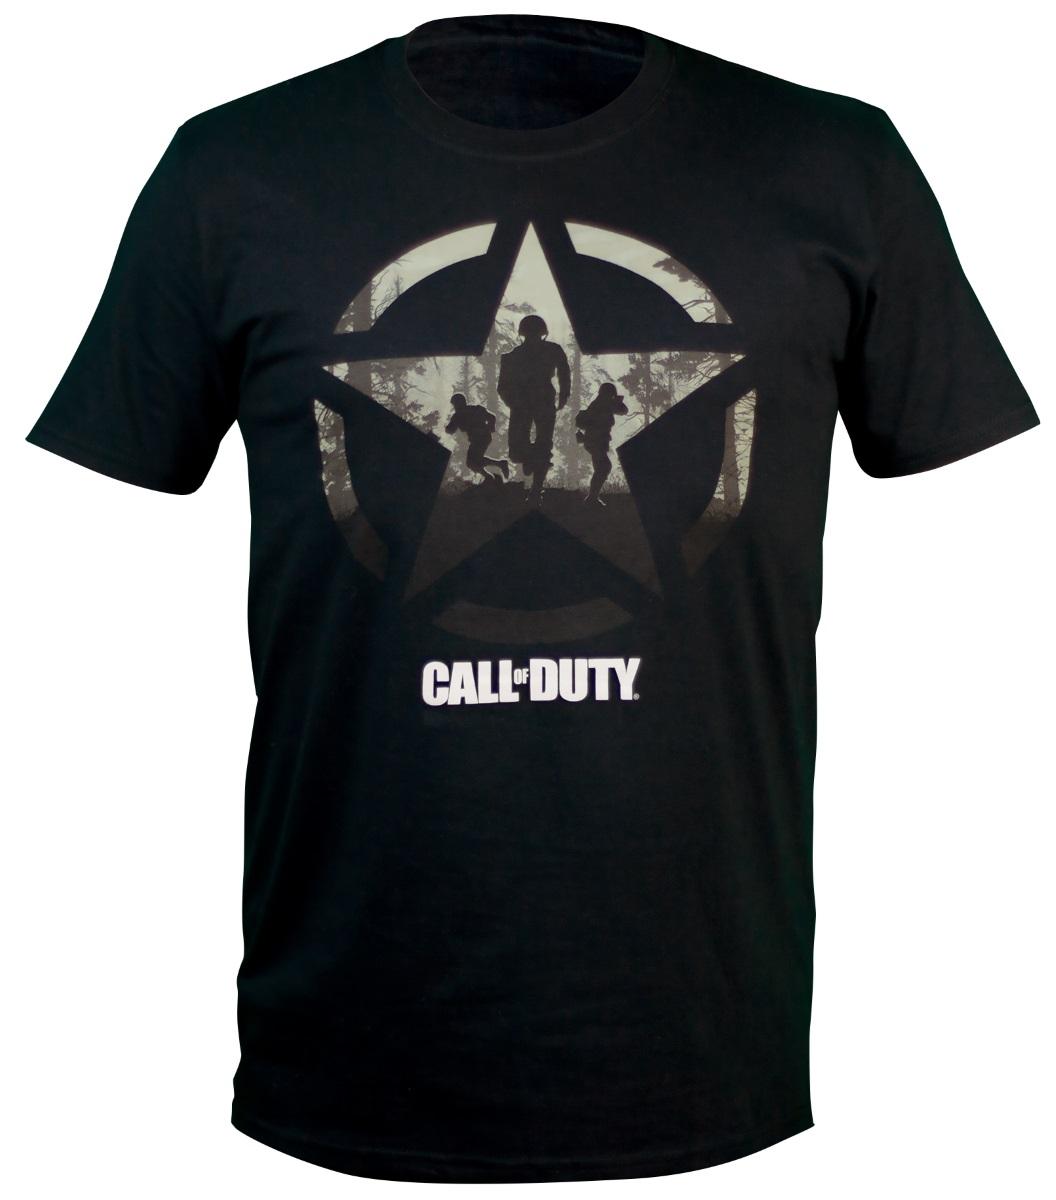 Футболка Call Of Duty WWII: Star Soliders (черная) (M) футболка с полной запечаткой для мальчиков printio кал оф дьюти call of duty игры